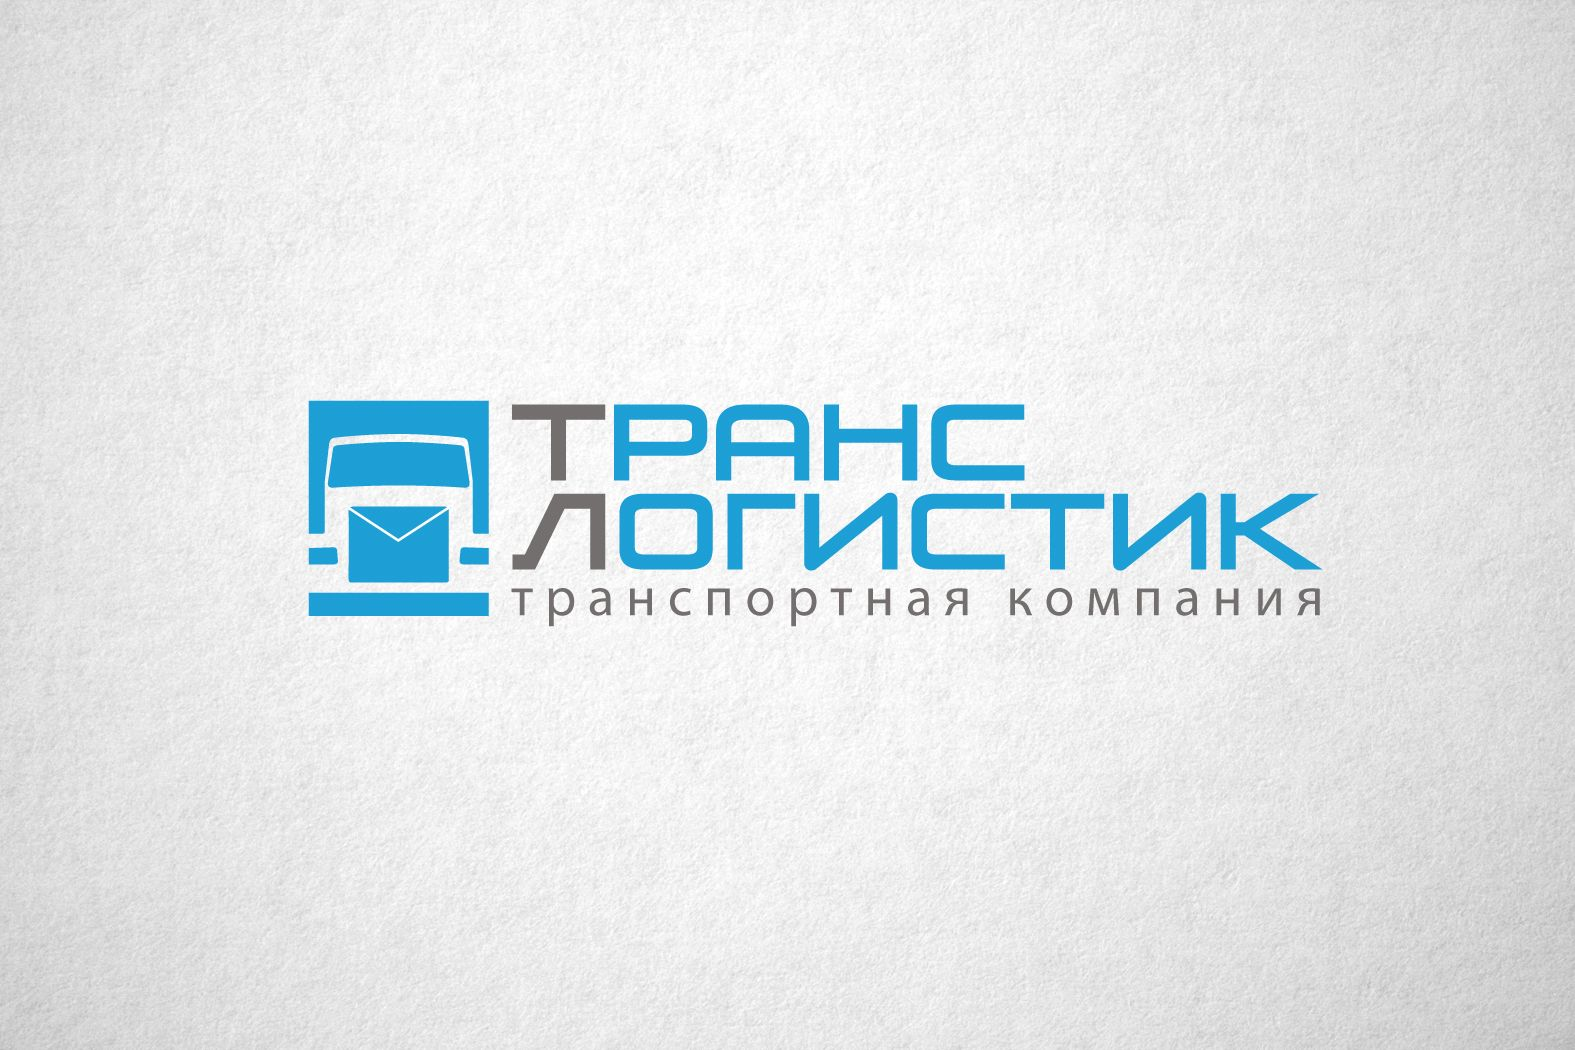 Логотип и визитка для транспортной компании - дизайнер funkielevis